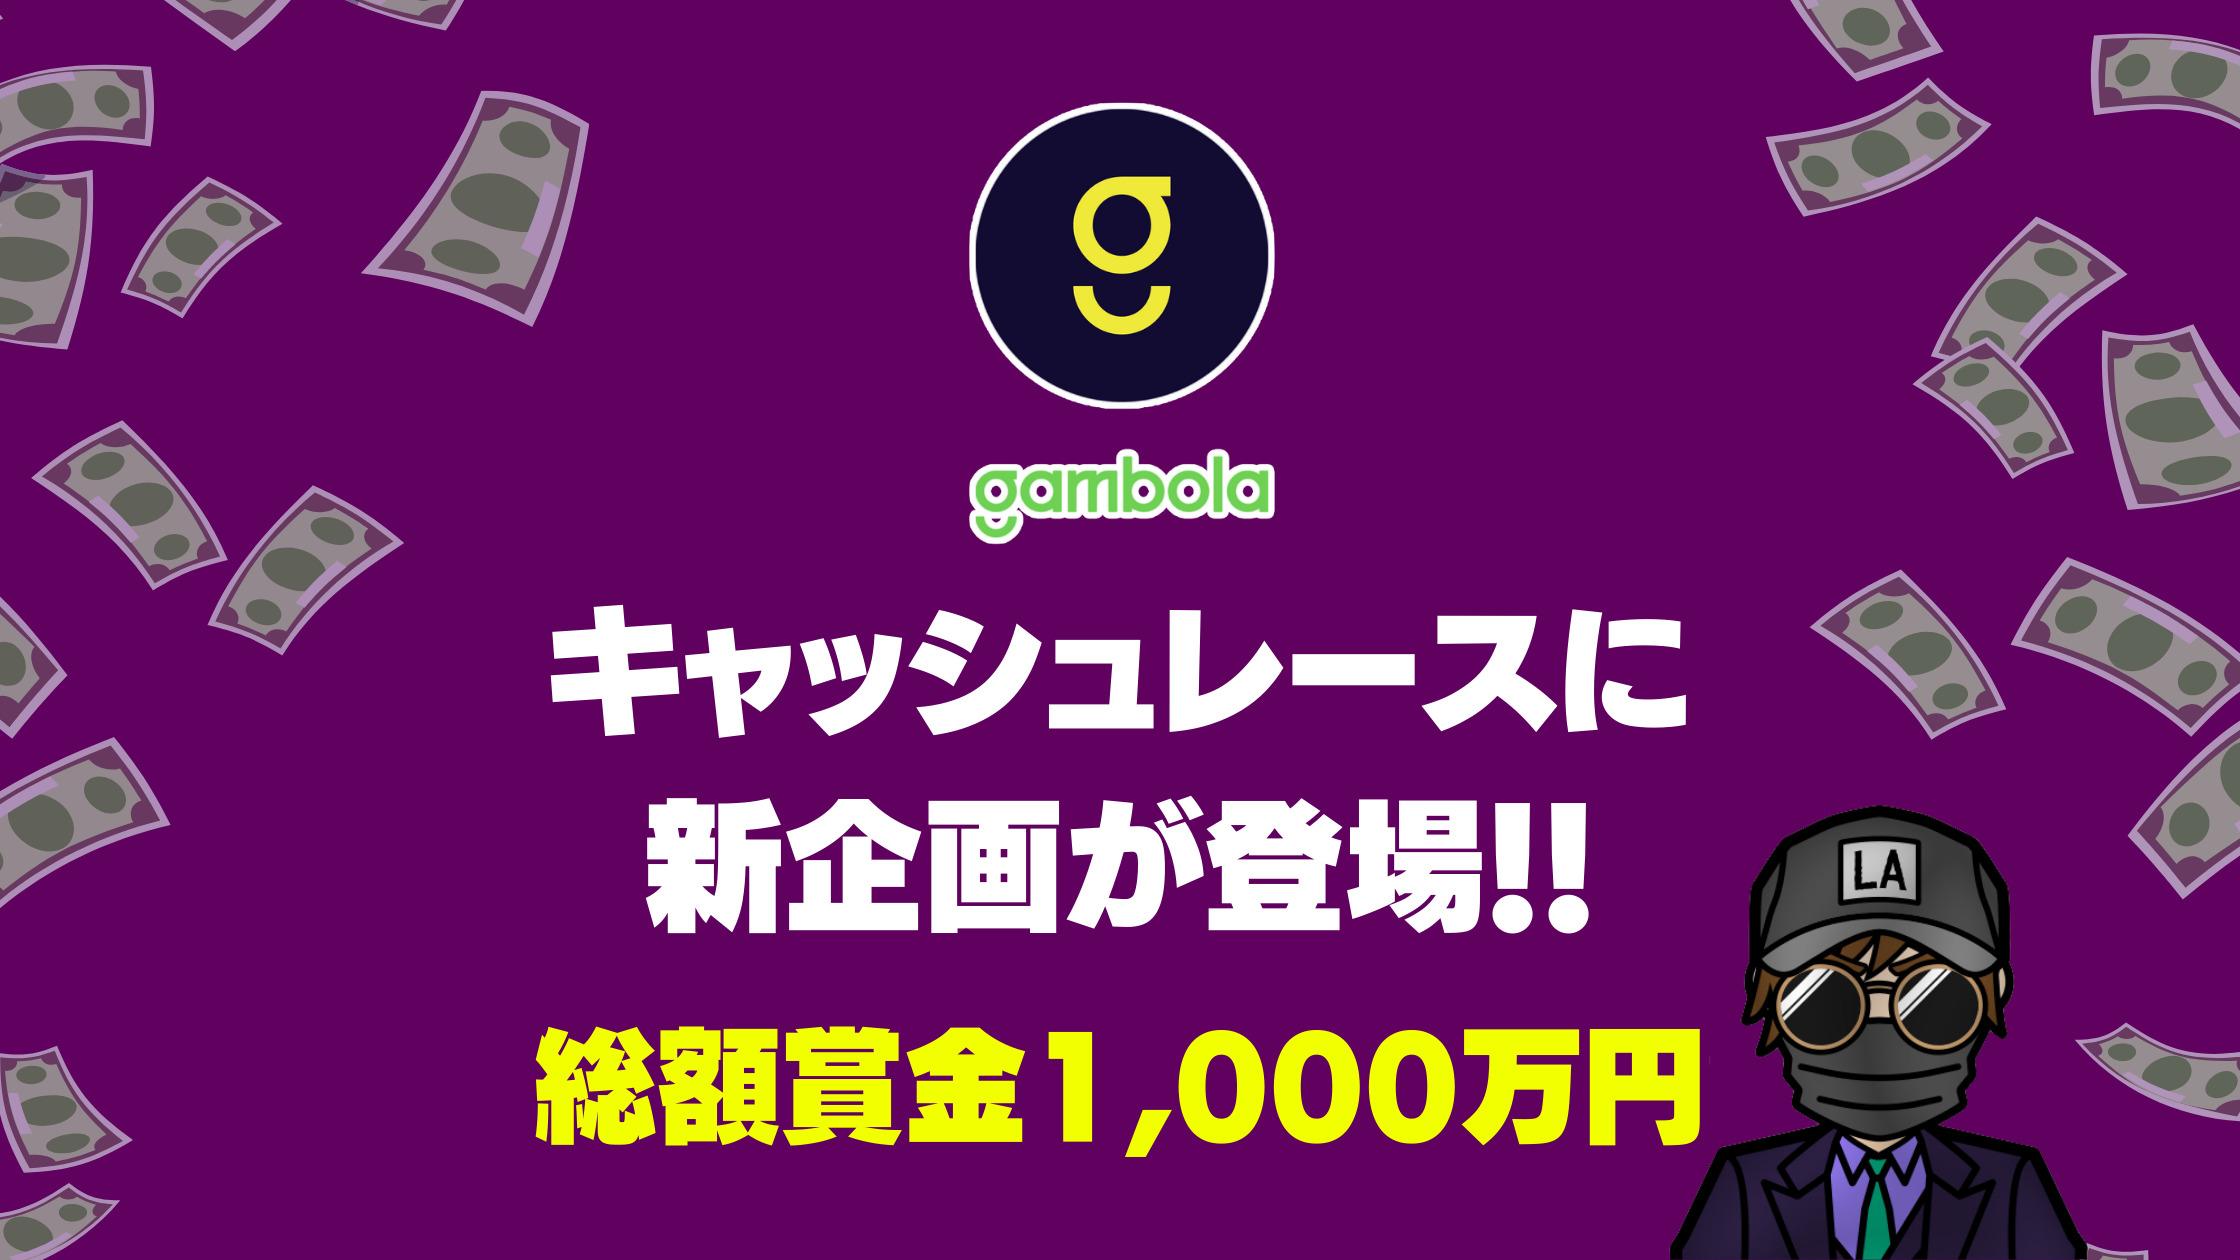 【ギャンボラ】キャッシュレースで新企画!!追加で50万円のキャッシュがもらえます!!